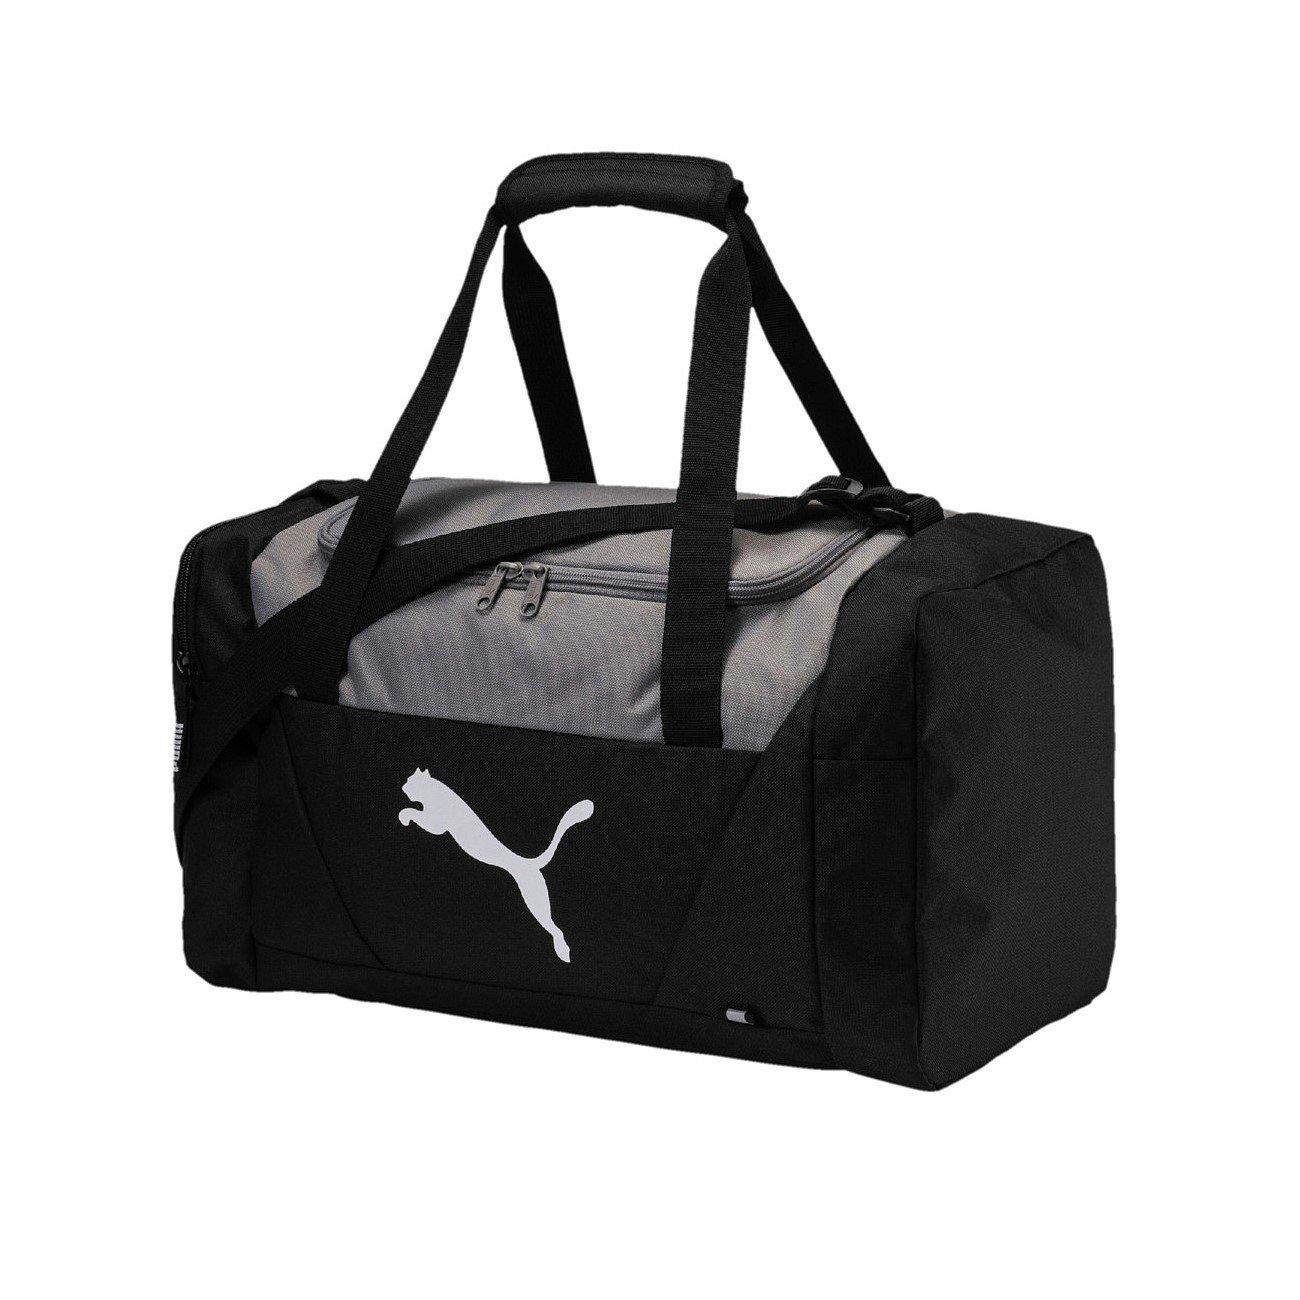 Puma Fundamentals Sac de sport Sport bag S 075096 Black Taille S PUMA3|#PUMA 75096 01